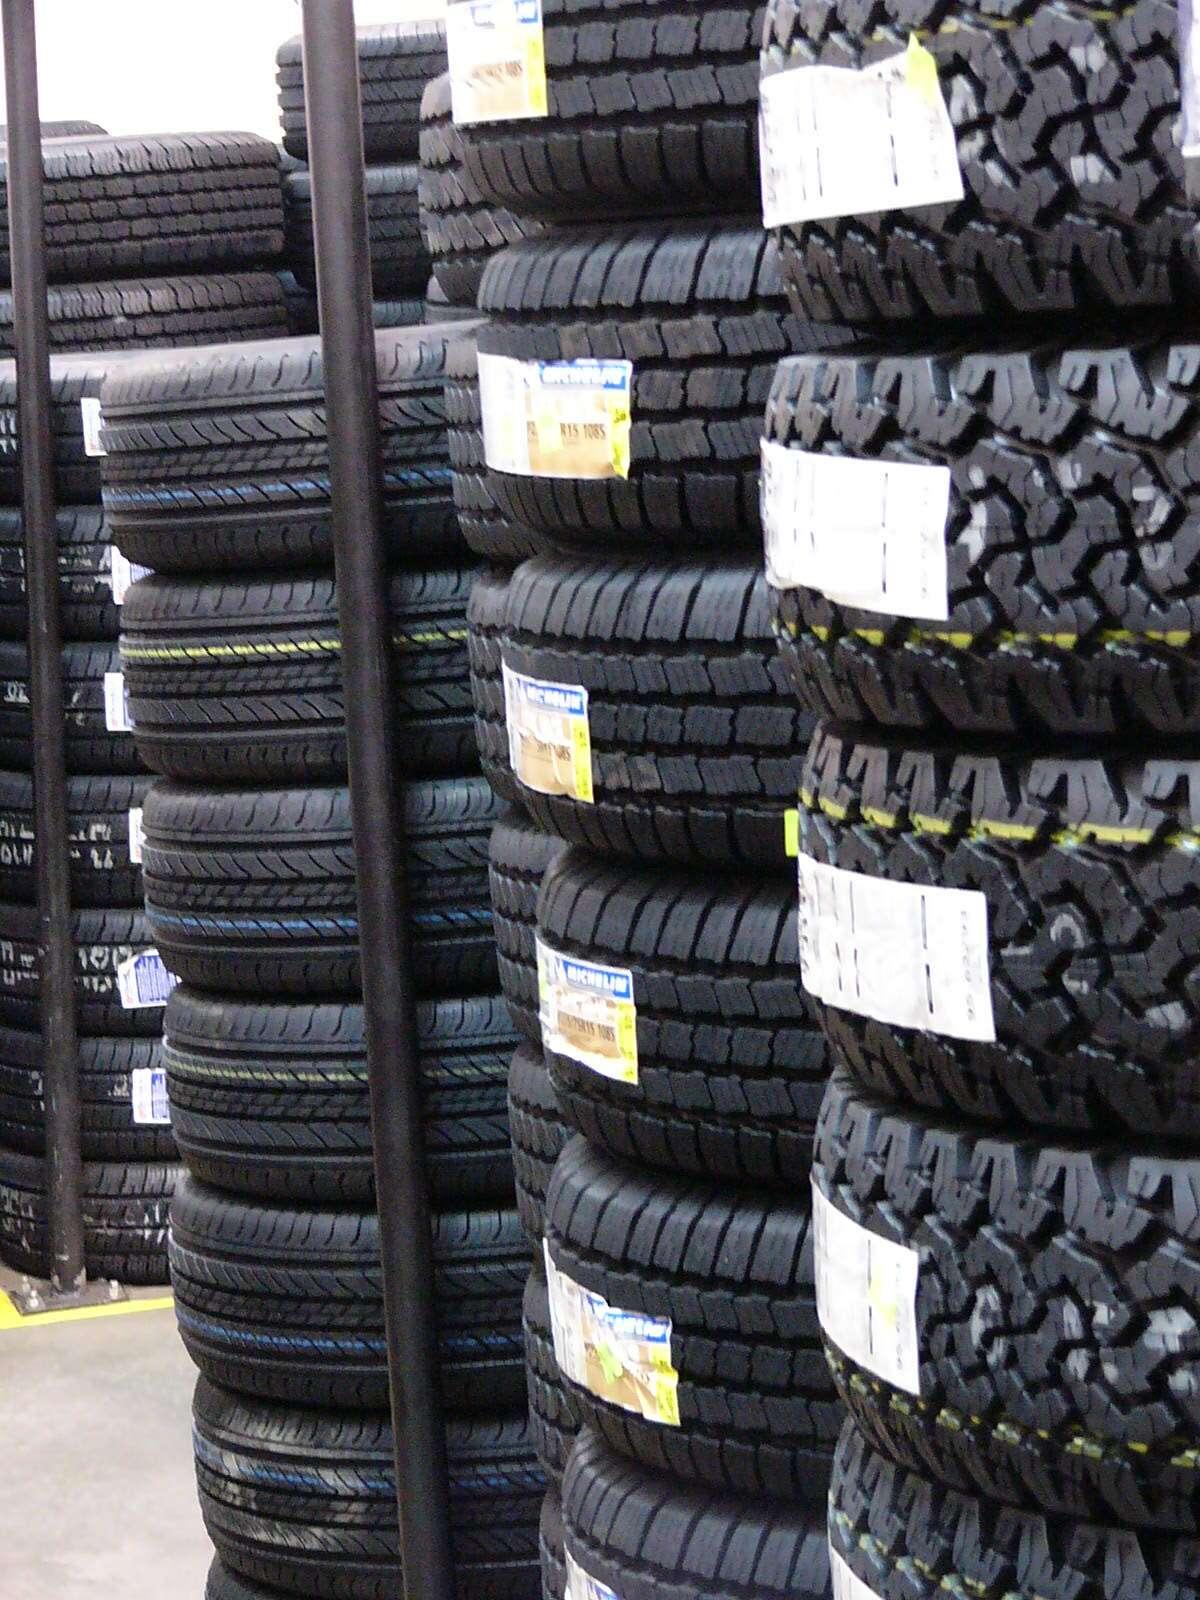 Une représentation de différents pneus verts qui permettent de moins consommer de carburant. © Marjorie Lipan, cc by nc sa 2.0